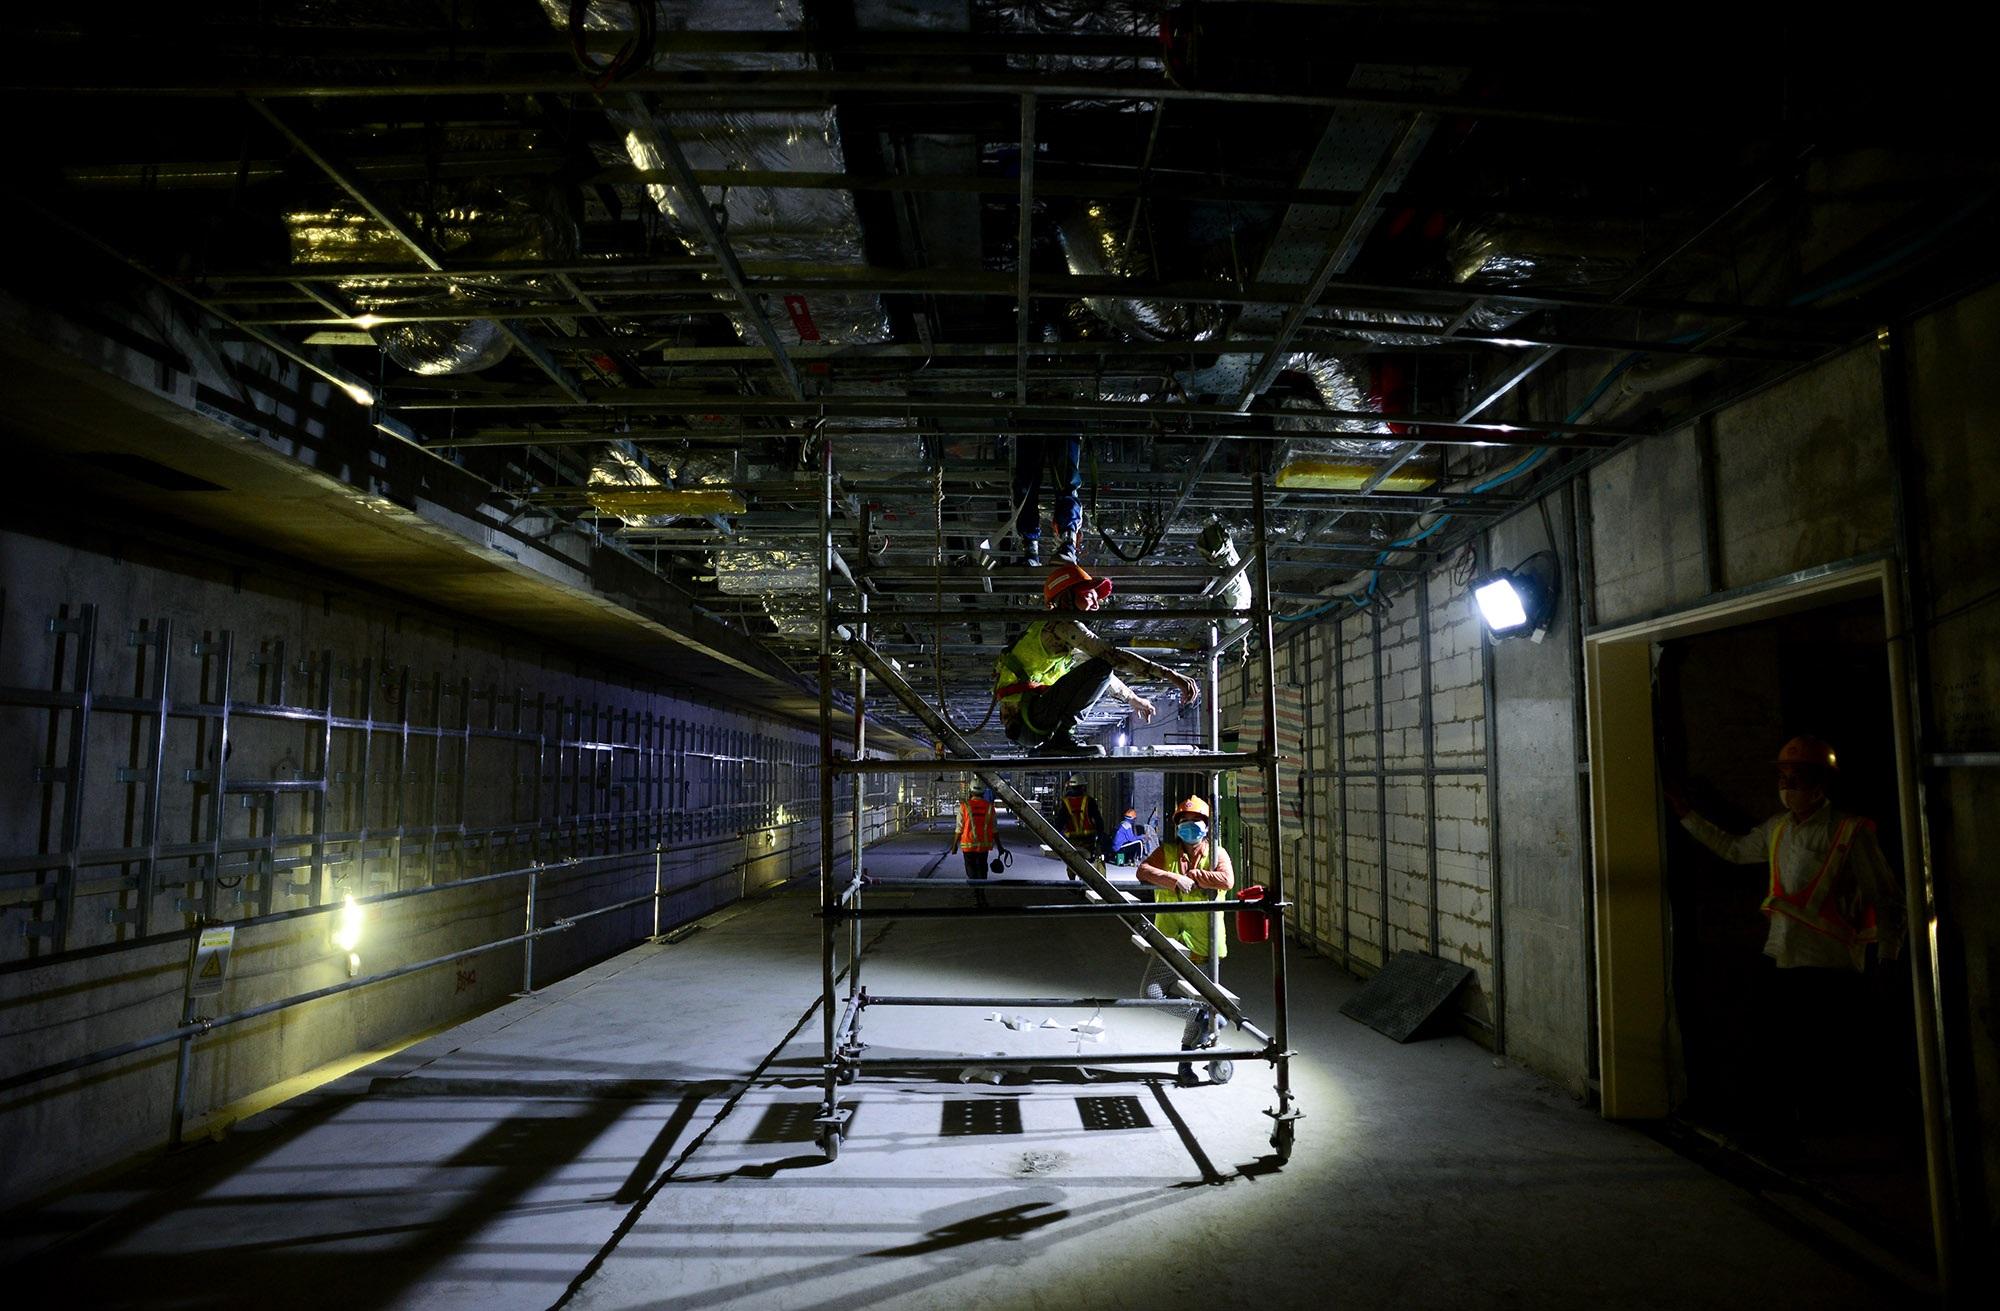 Ngắm toàn cảnh tuyến metro đầu tiên của TPHCM - 15